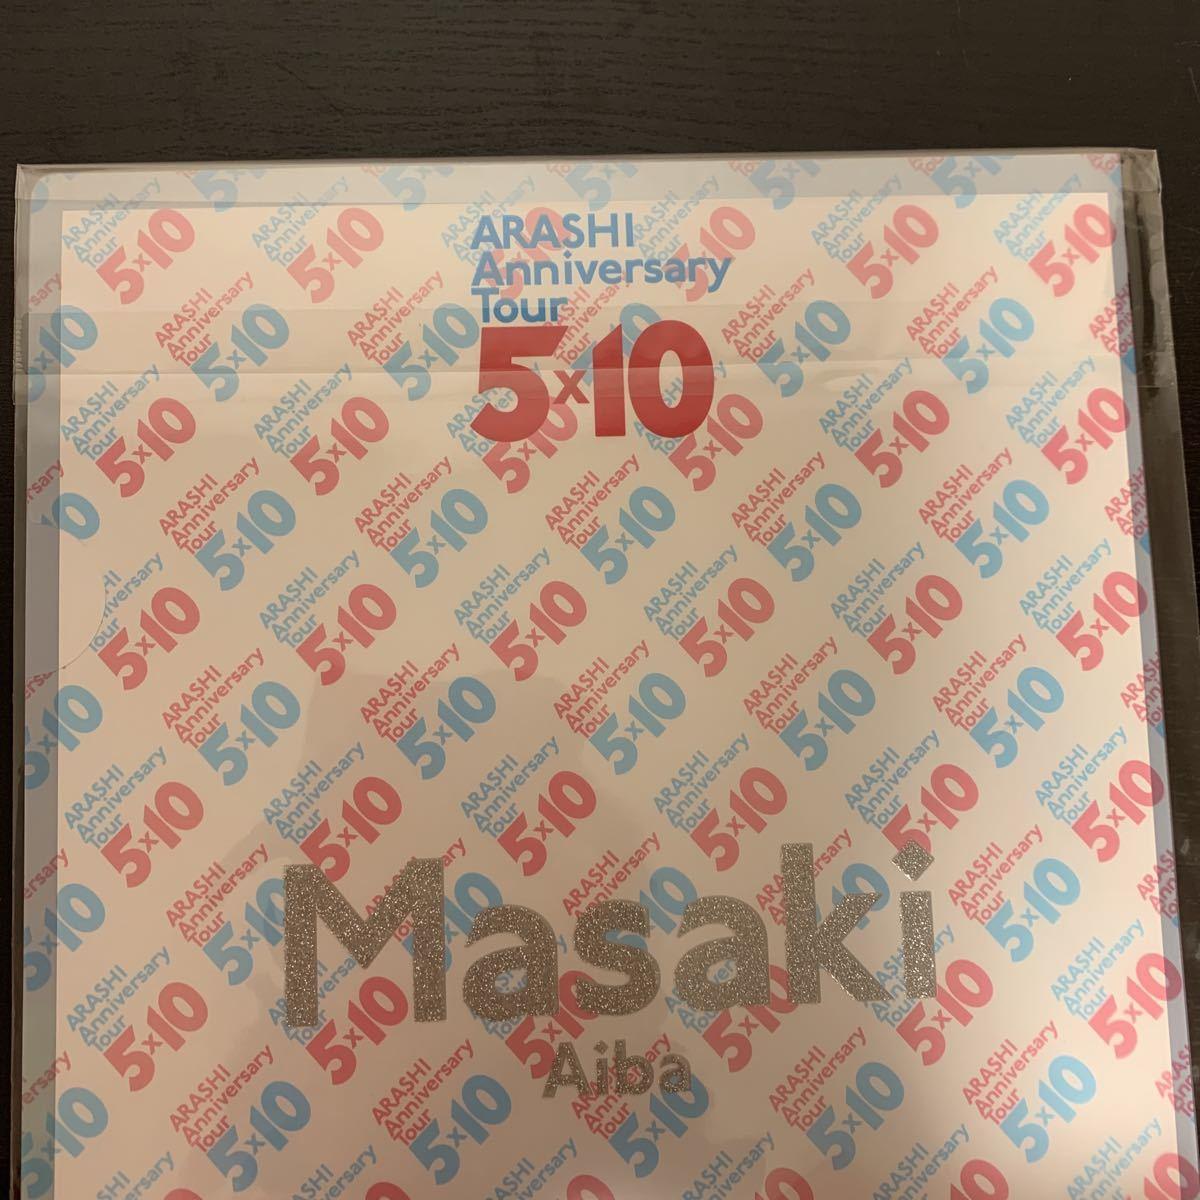 嵐 ARASHI Anniversary Tour 5×10 相葉雅樹 クリアファイル 新品未開封 送料無料 緑色 相葉ちゃん 2009 10周年ライブコンサートグッズ